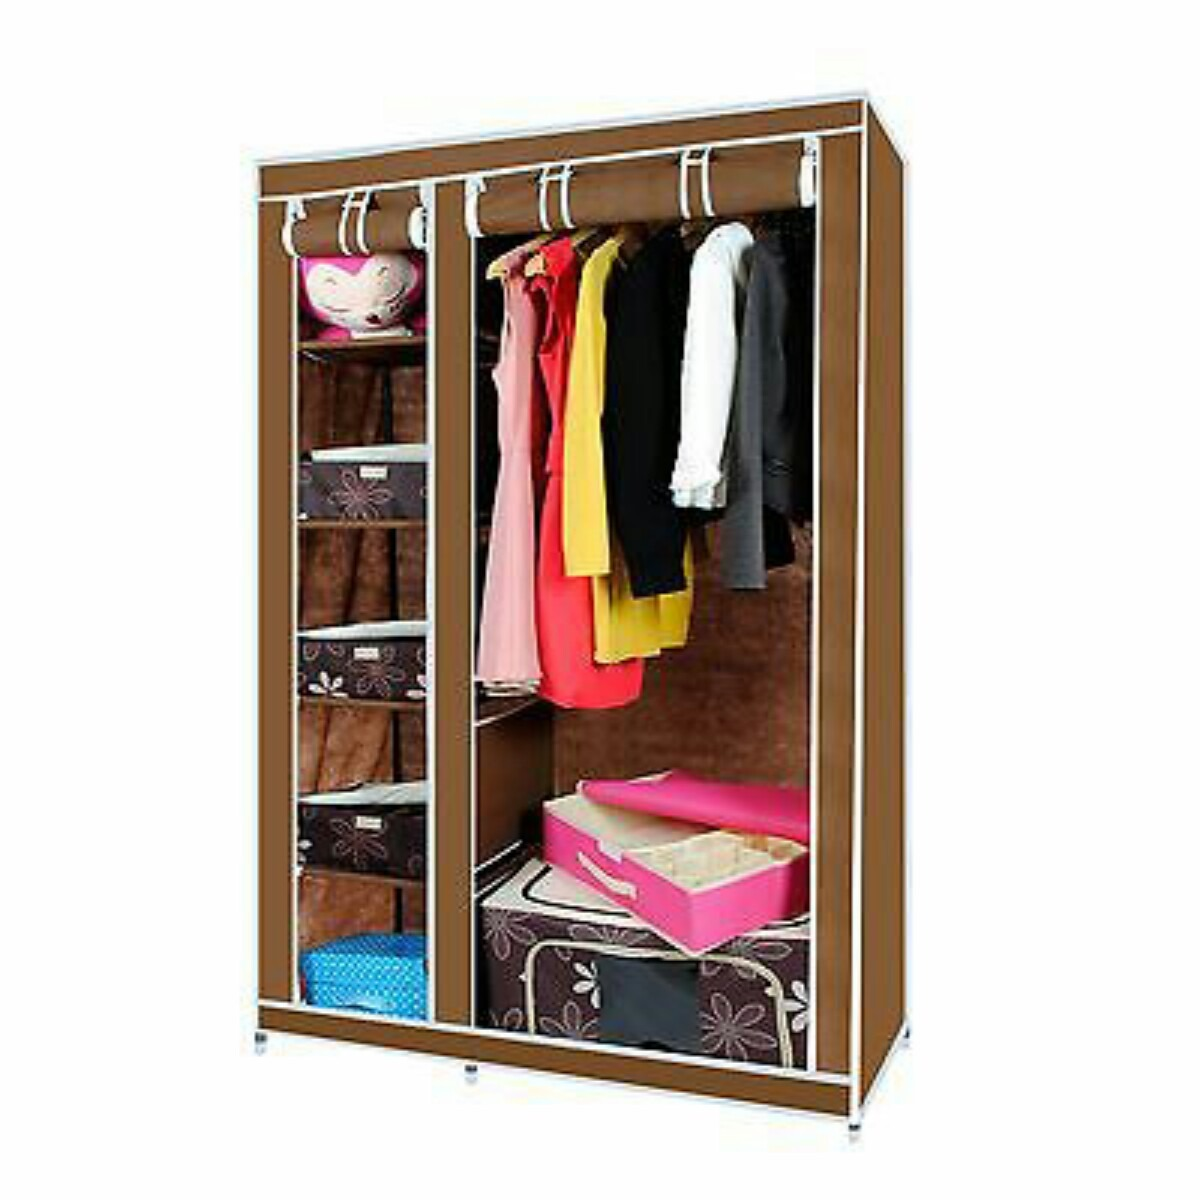 Como hacer un mueble para ropa interior - Mueble para ropa ...